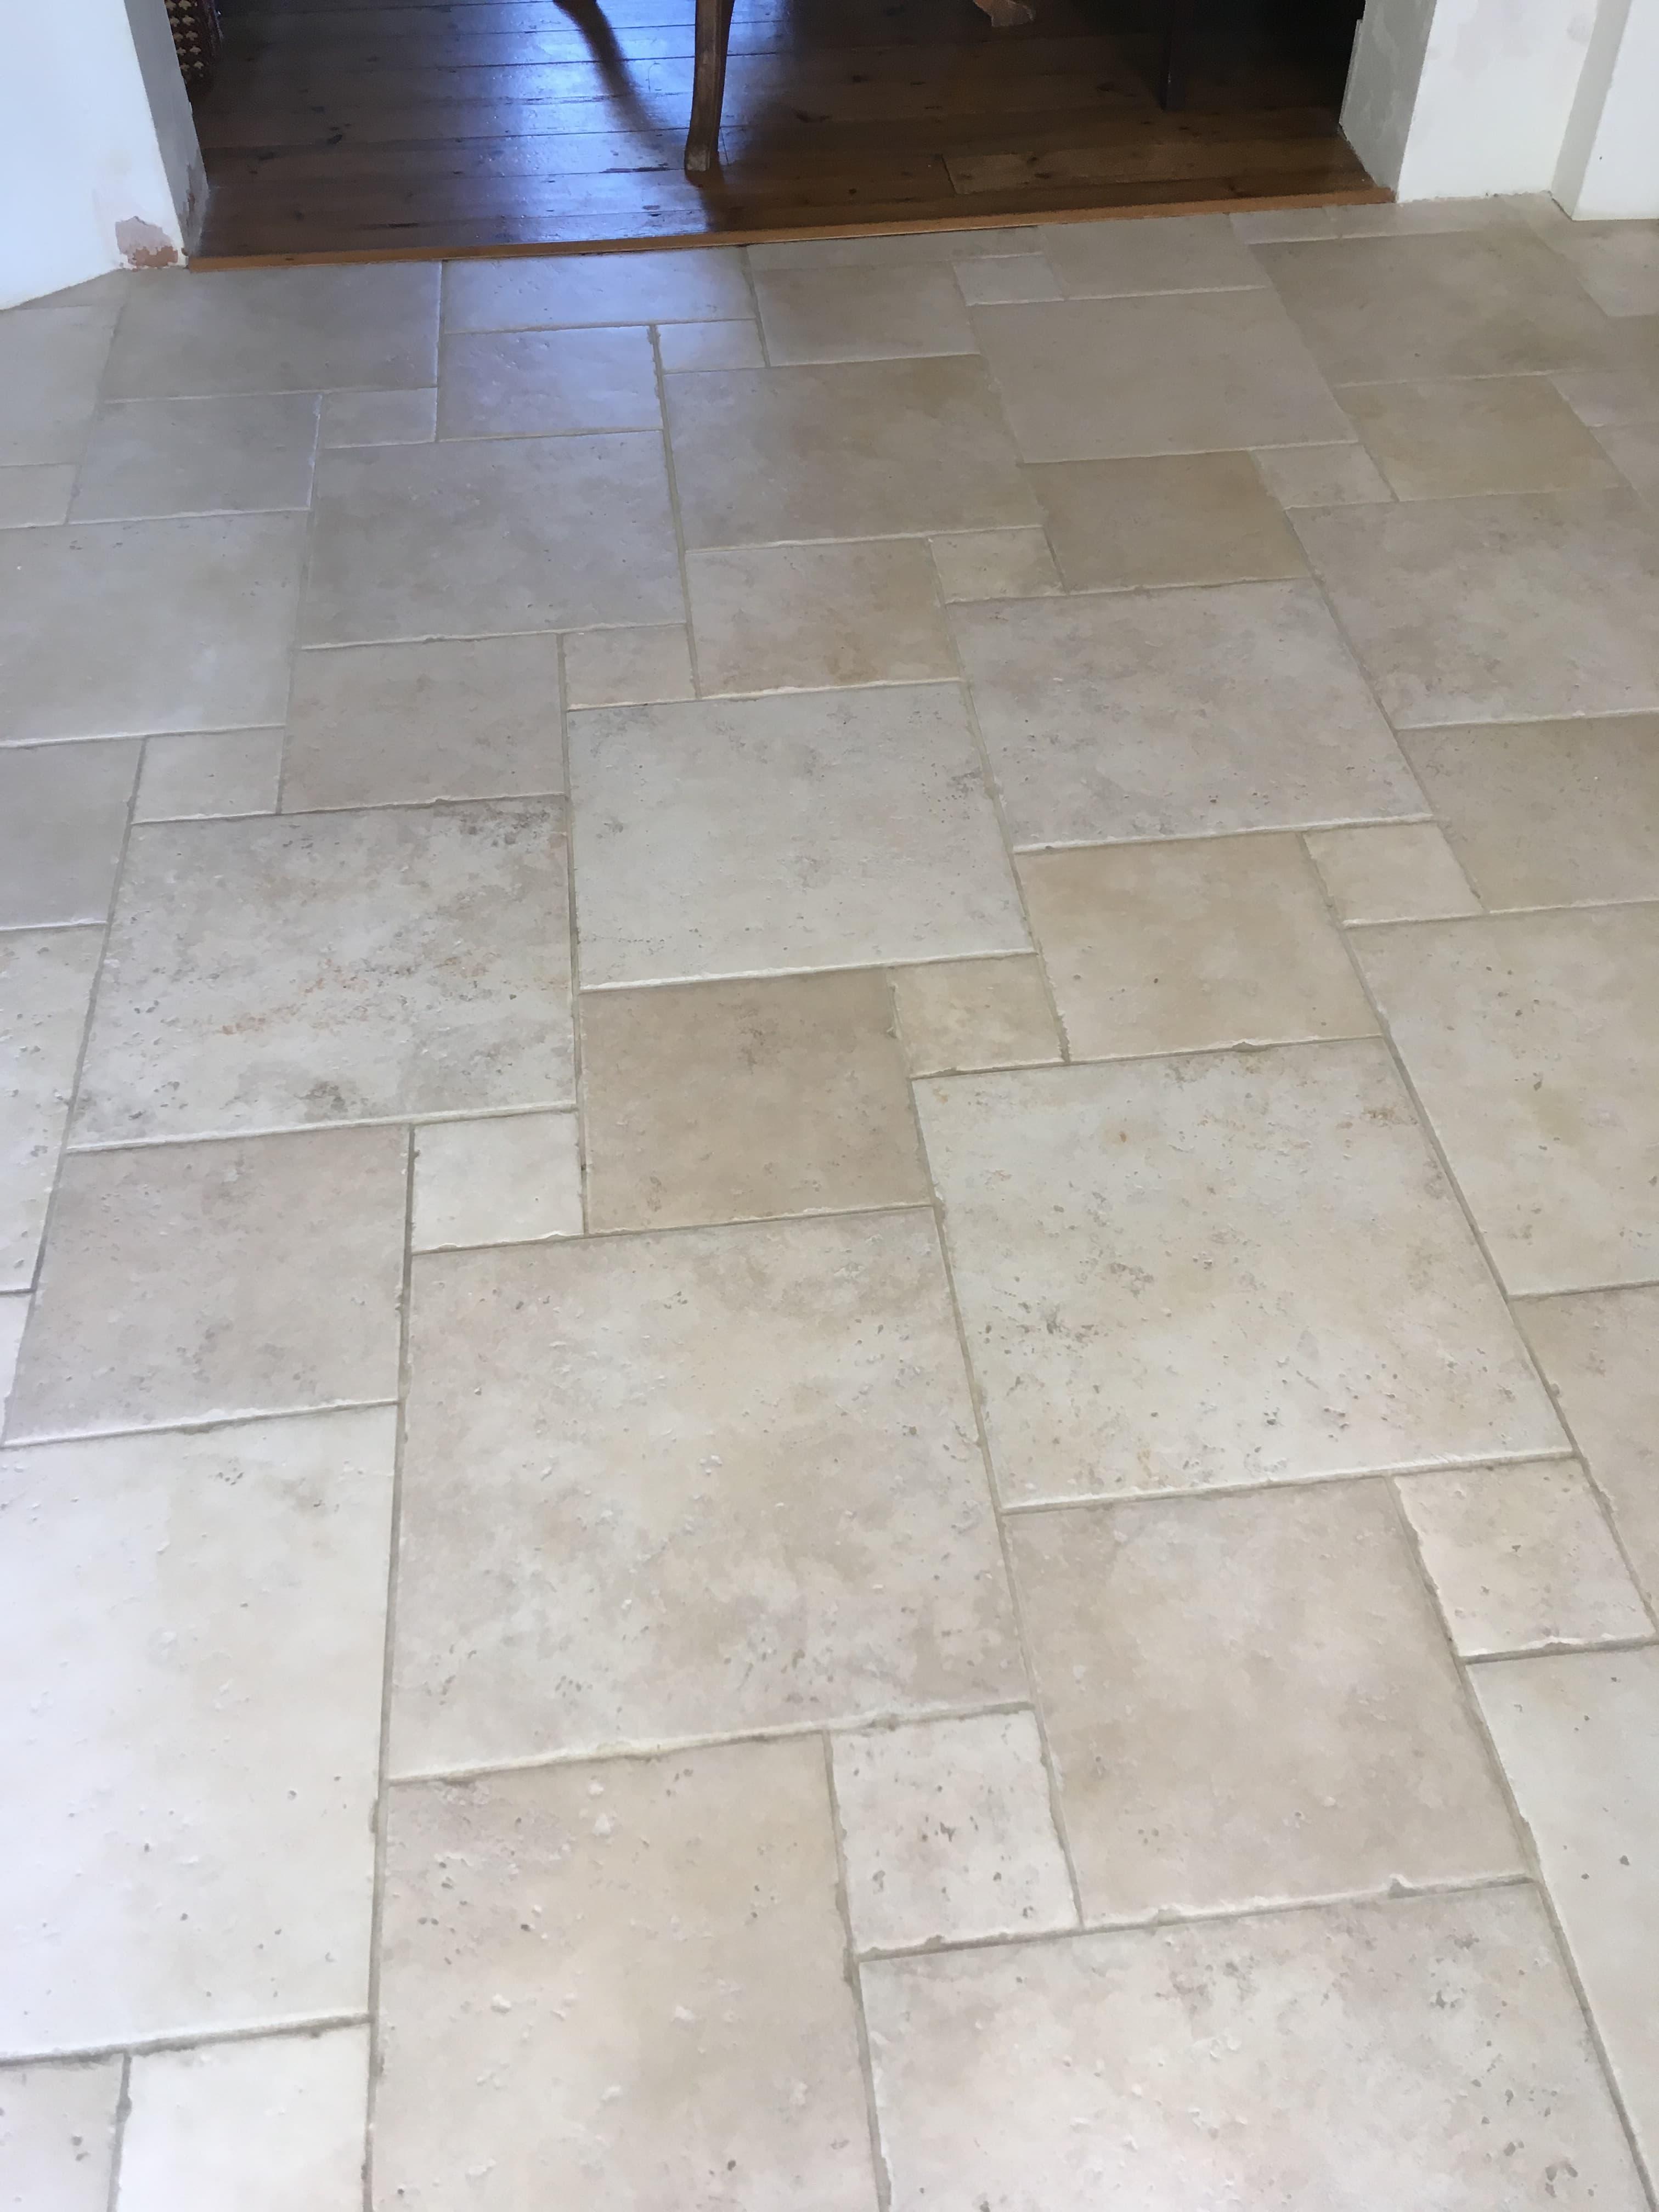 Porcelain Tile  Floor After Cleaning Sealing Shepperton